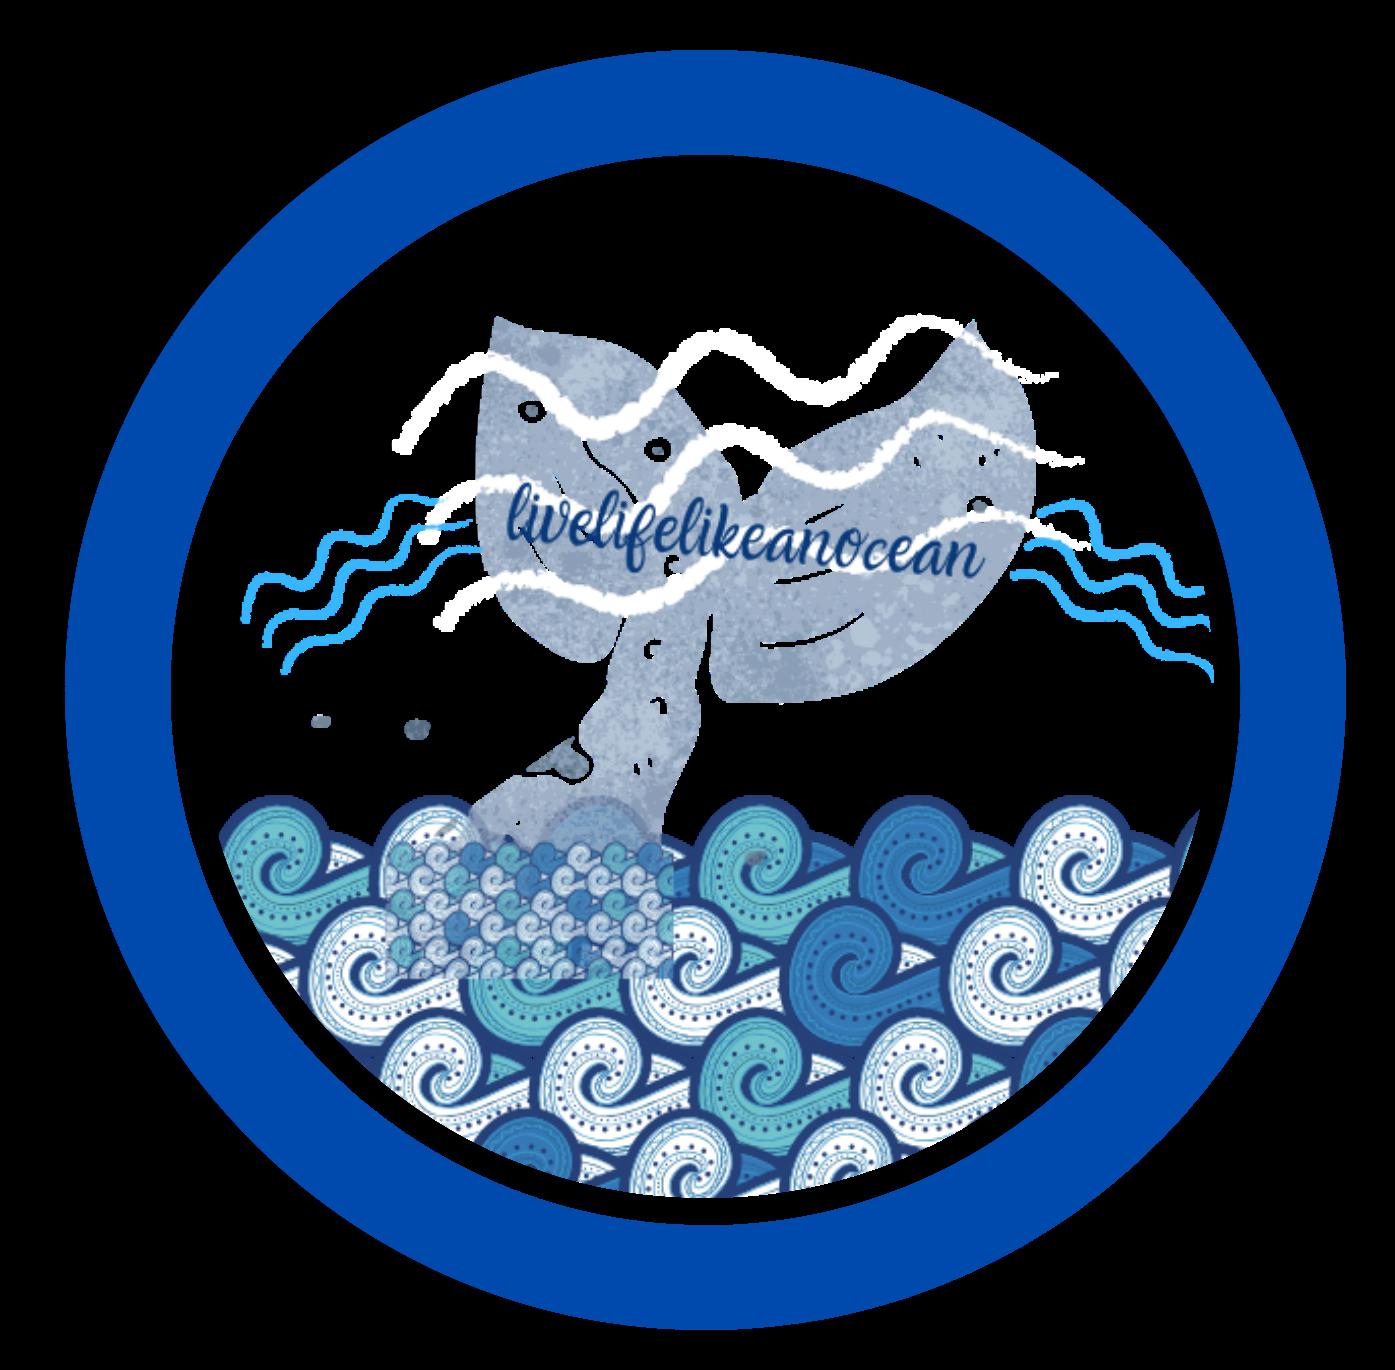 livelifelikeanocean gallery